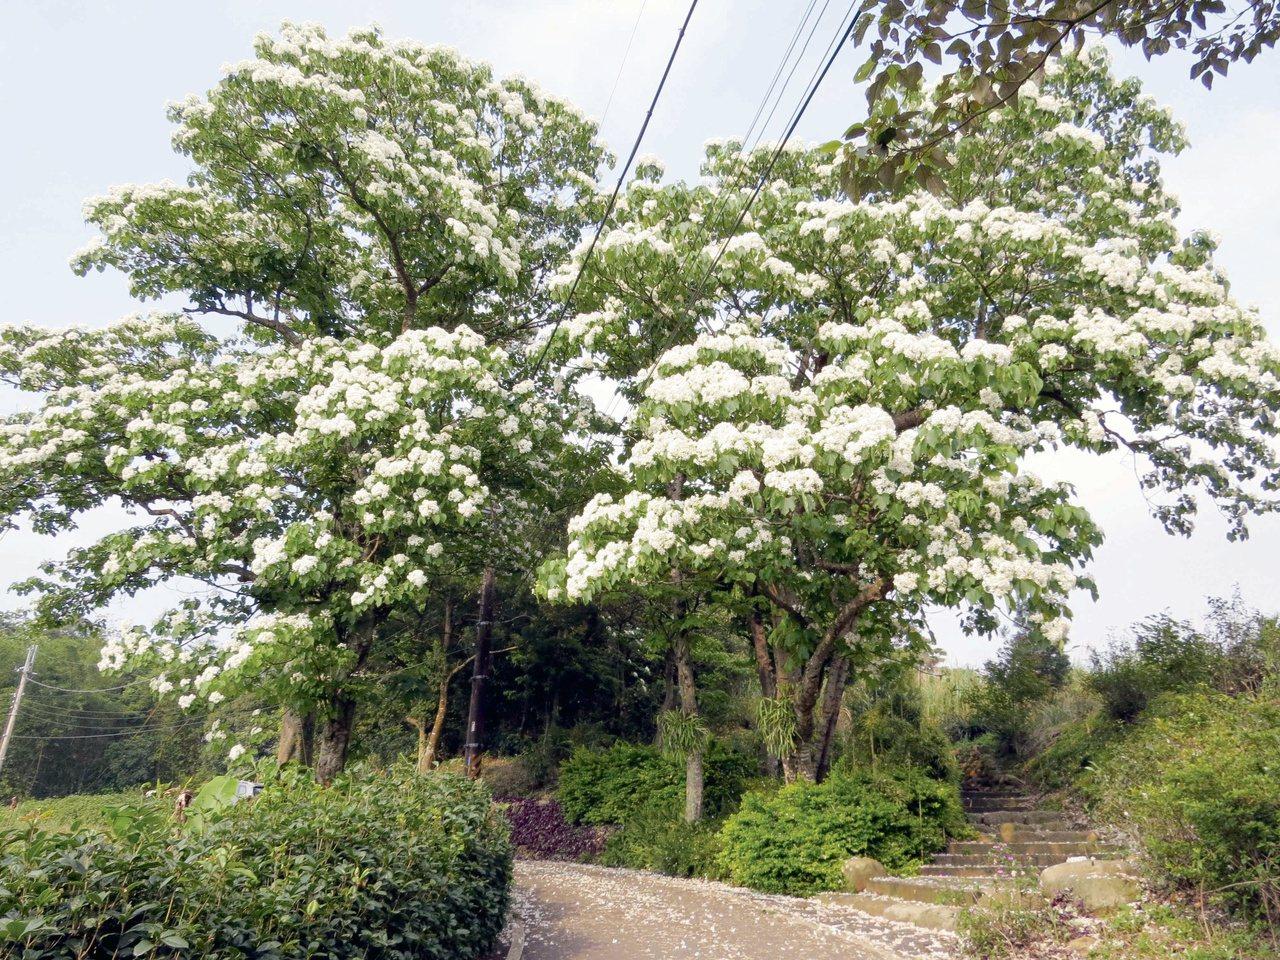 桃園桐花進入盛開季節。圖/三和社區發展協會理事長黃月錩提供